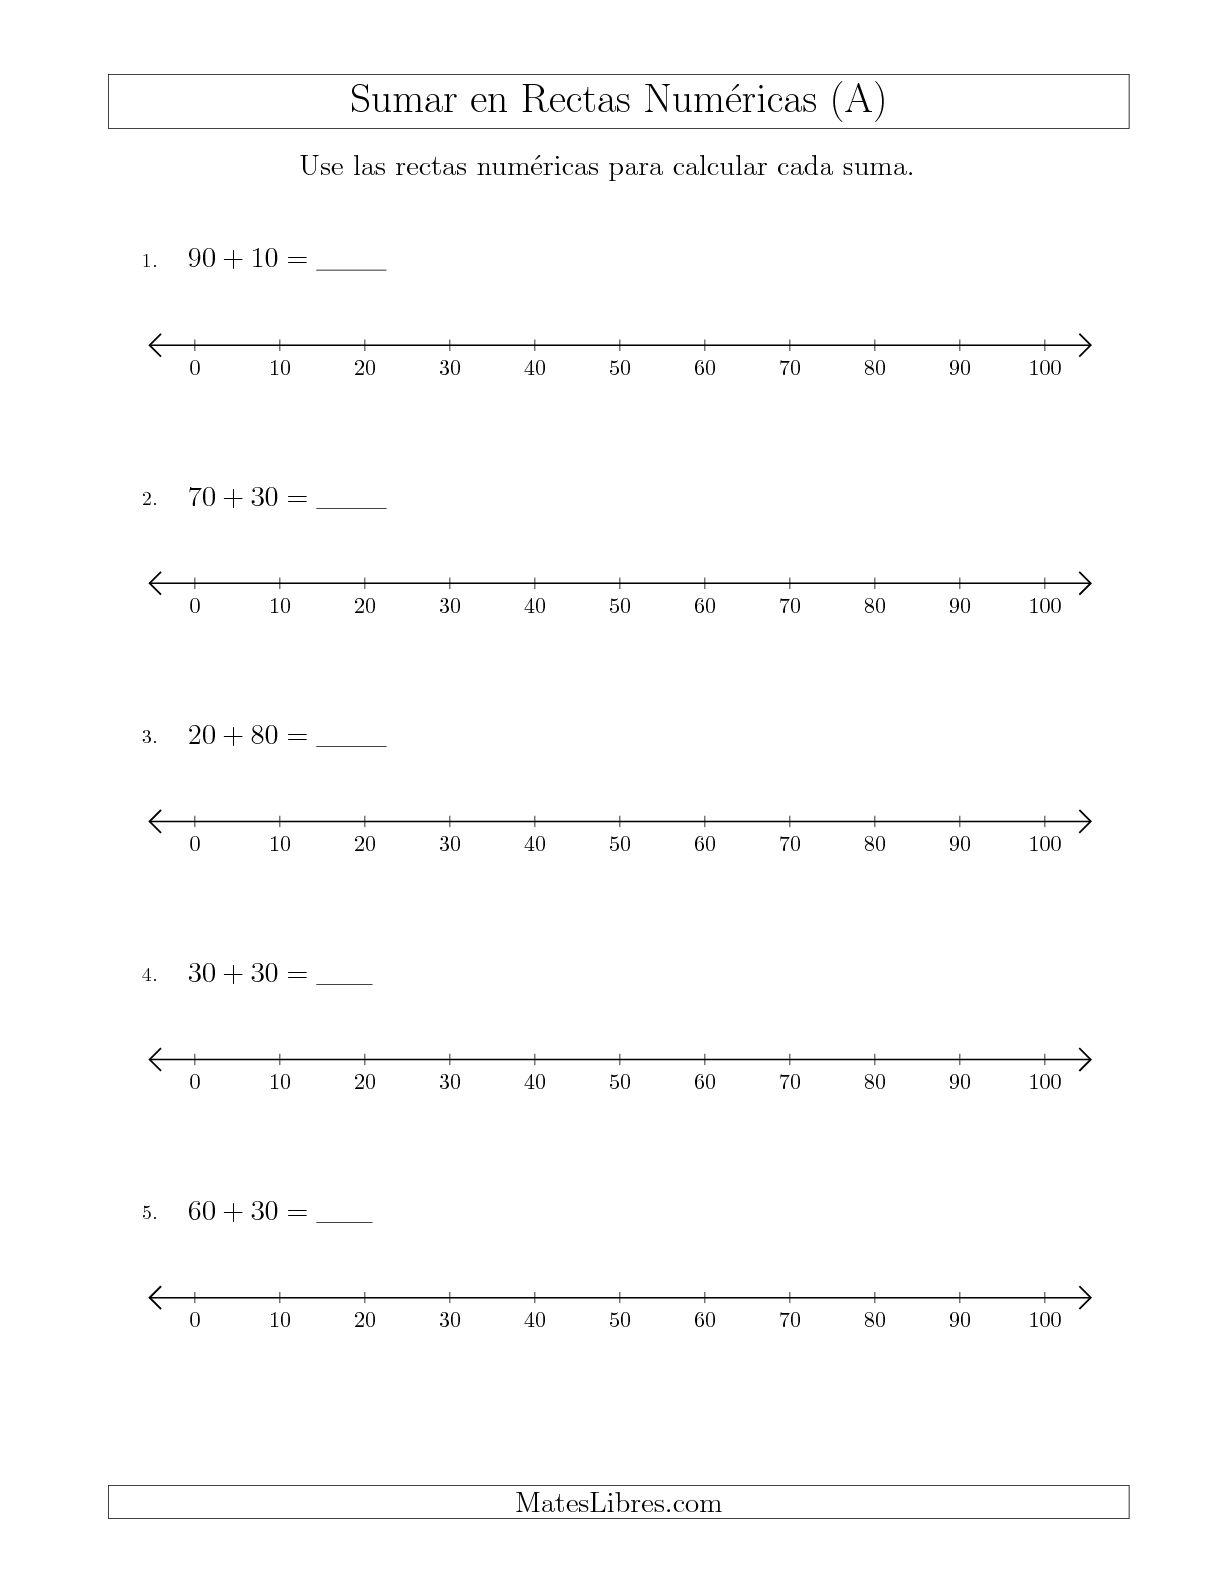 La Sumar Hasta 100 en Rectas Numéricas con Intervalos de Tamaño 10 (A) Hoja de Ejercicio de Rectas Numéricas